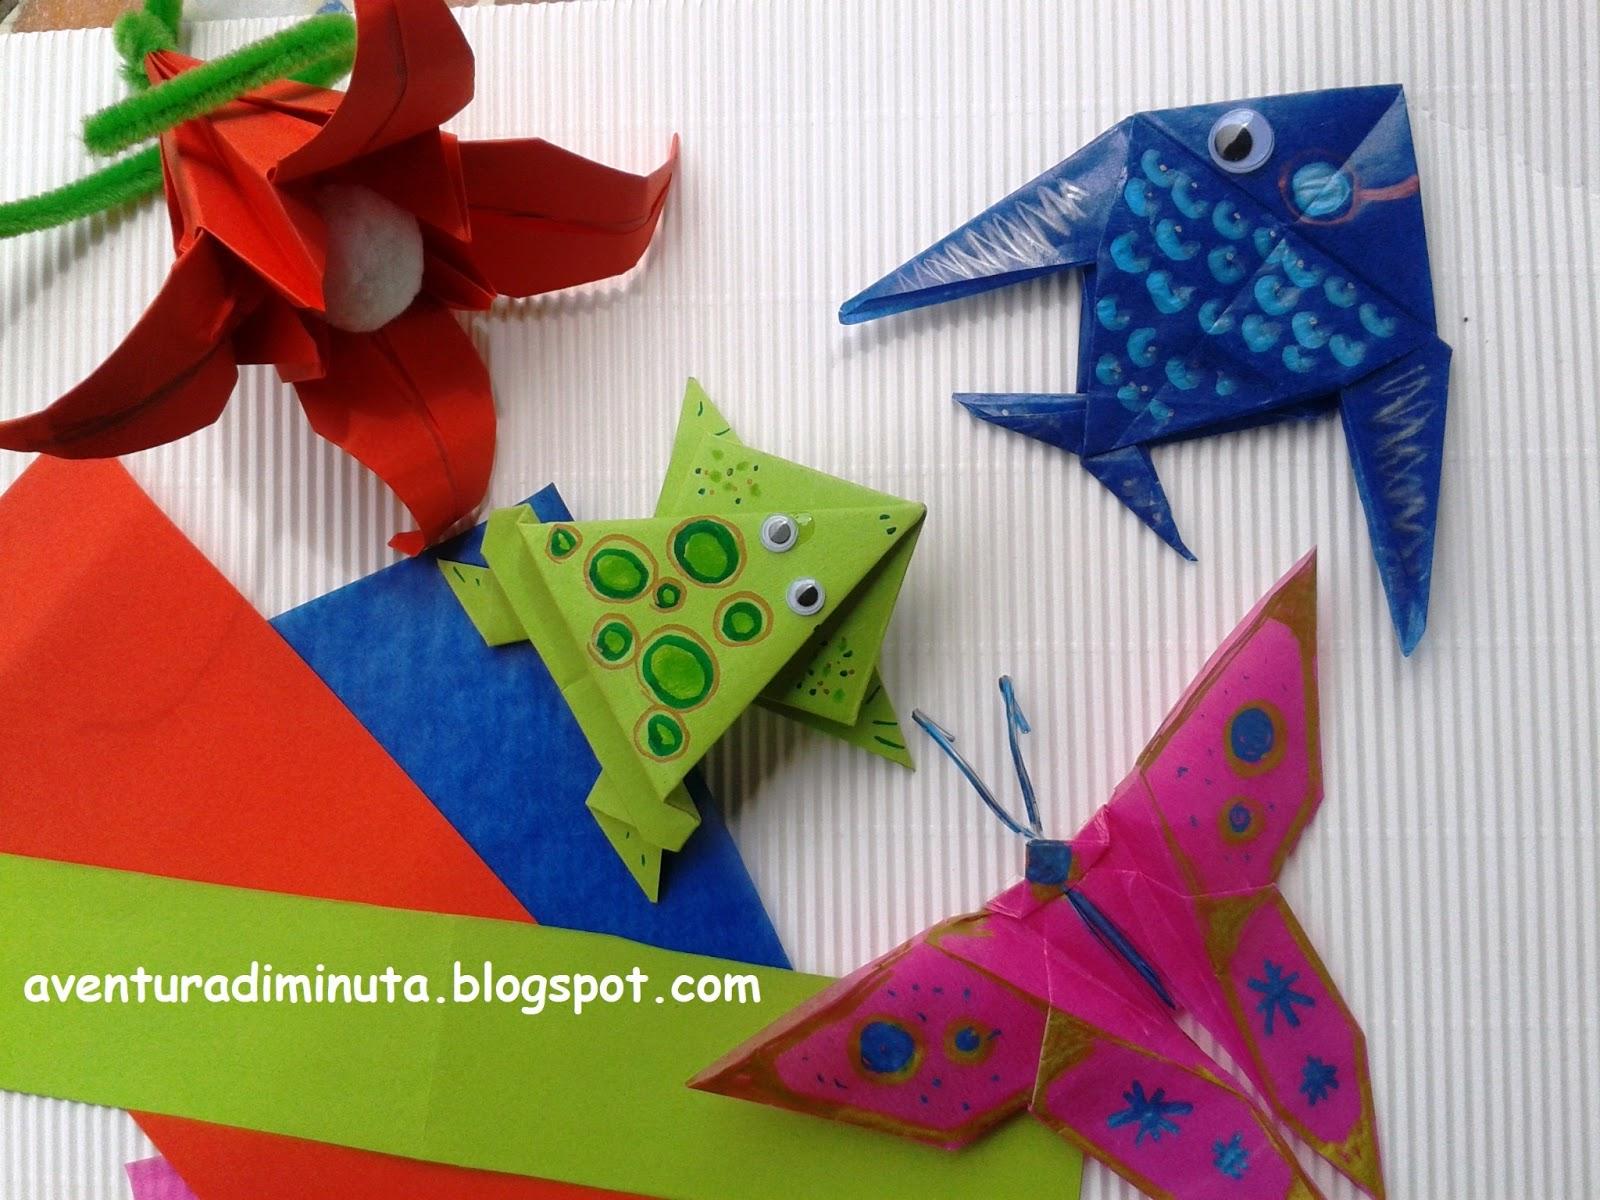 Aventura diminuta origami papiroflexia en educaci n - Origami para todos ...